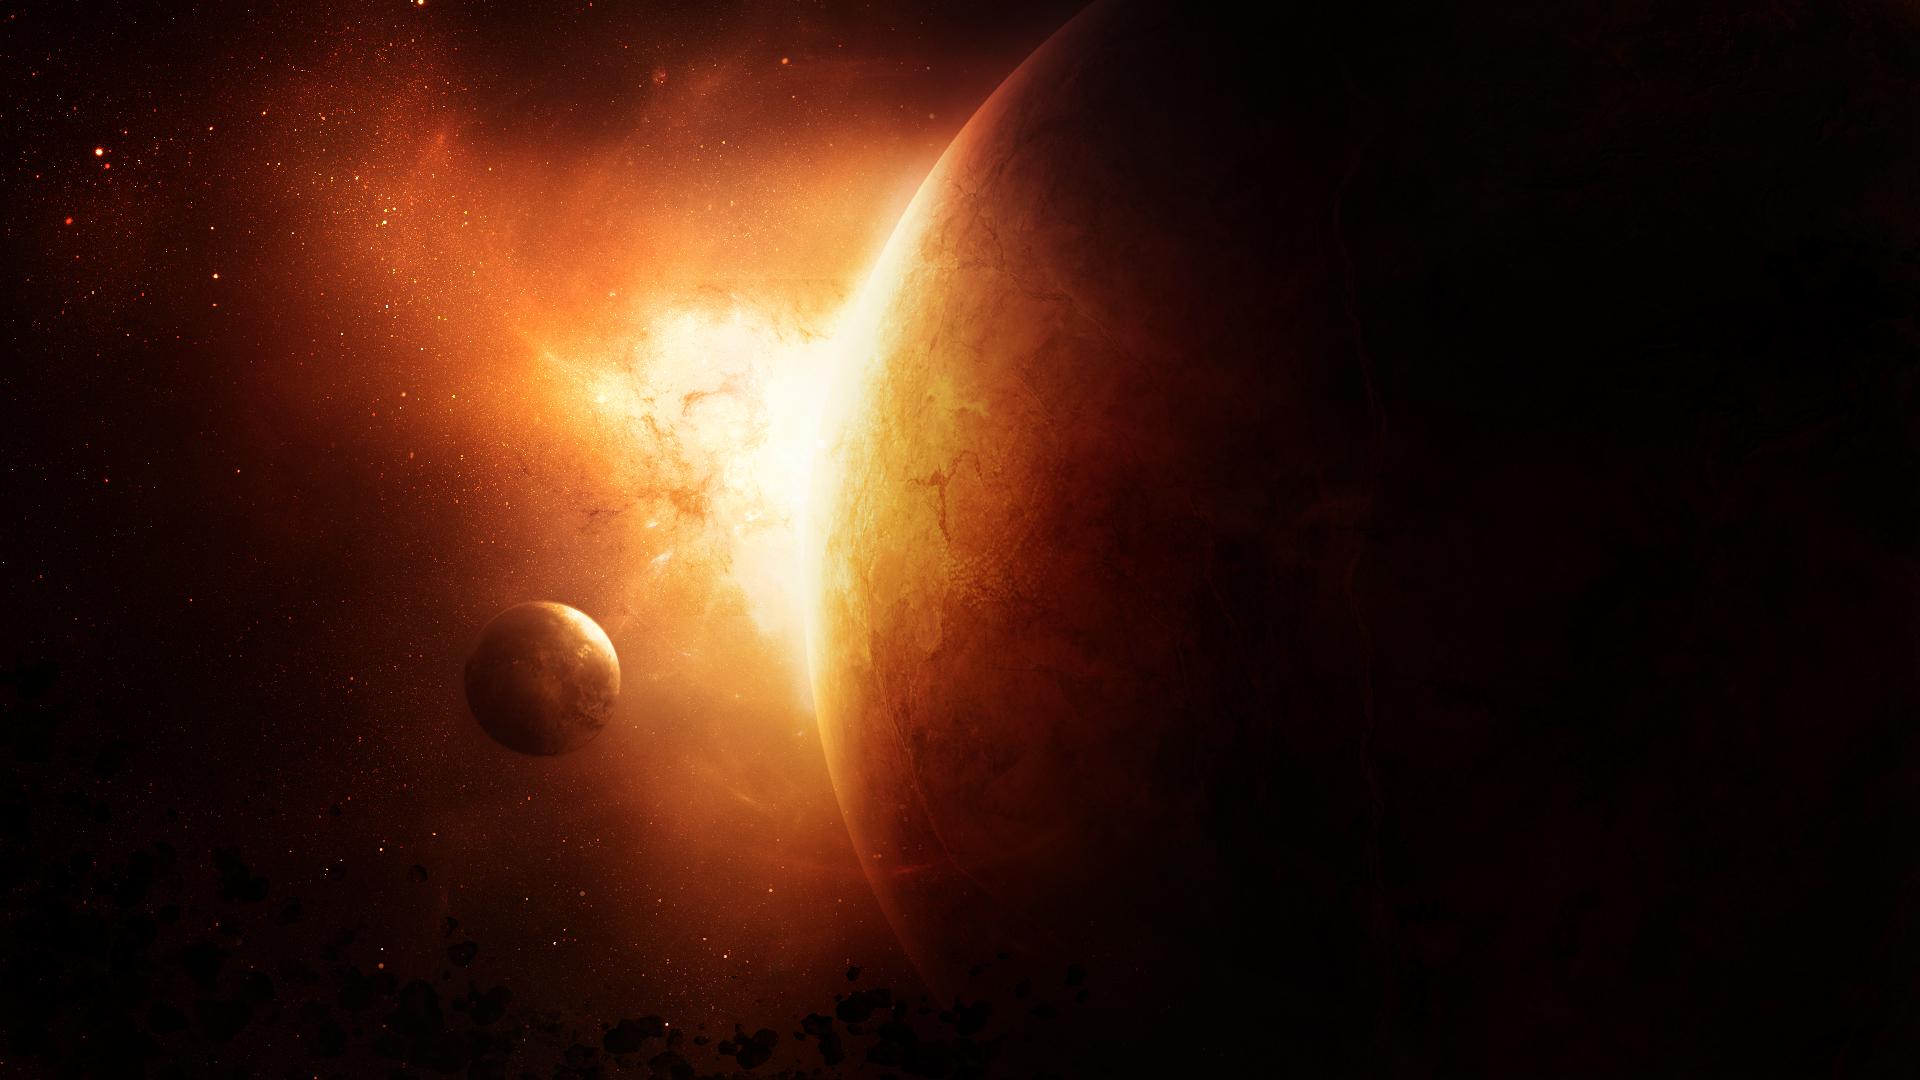 Обои огненная планета картинки на рабочий стол на тему Космос - скачать  № 433746 загрузить